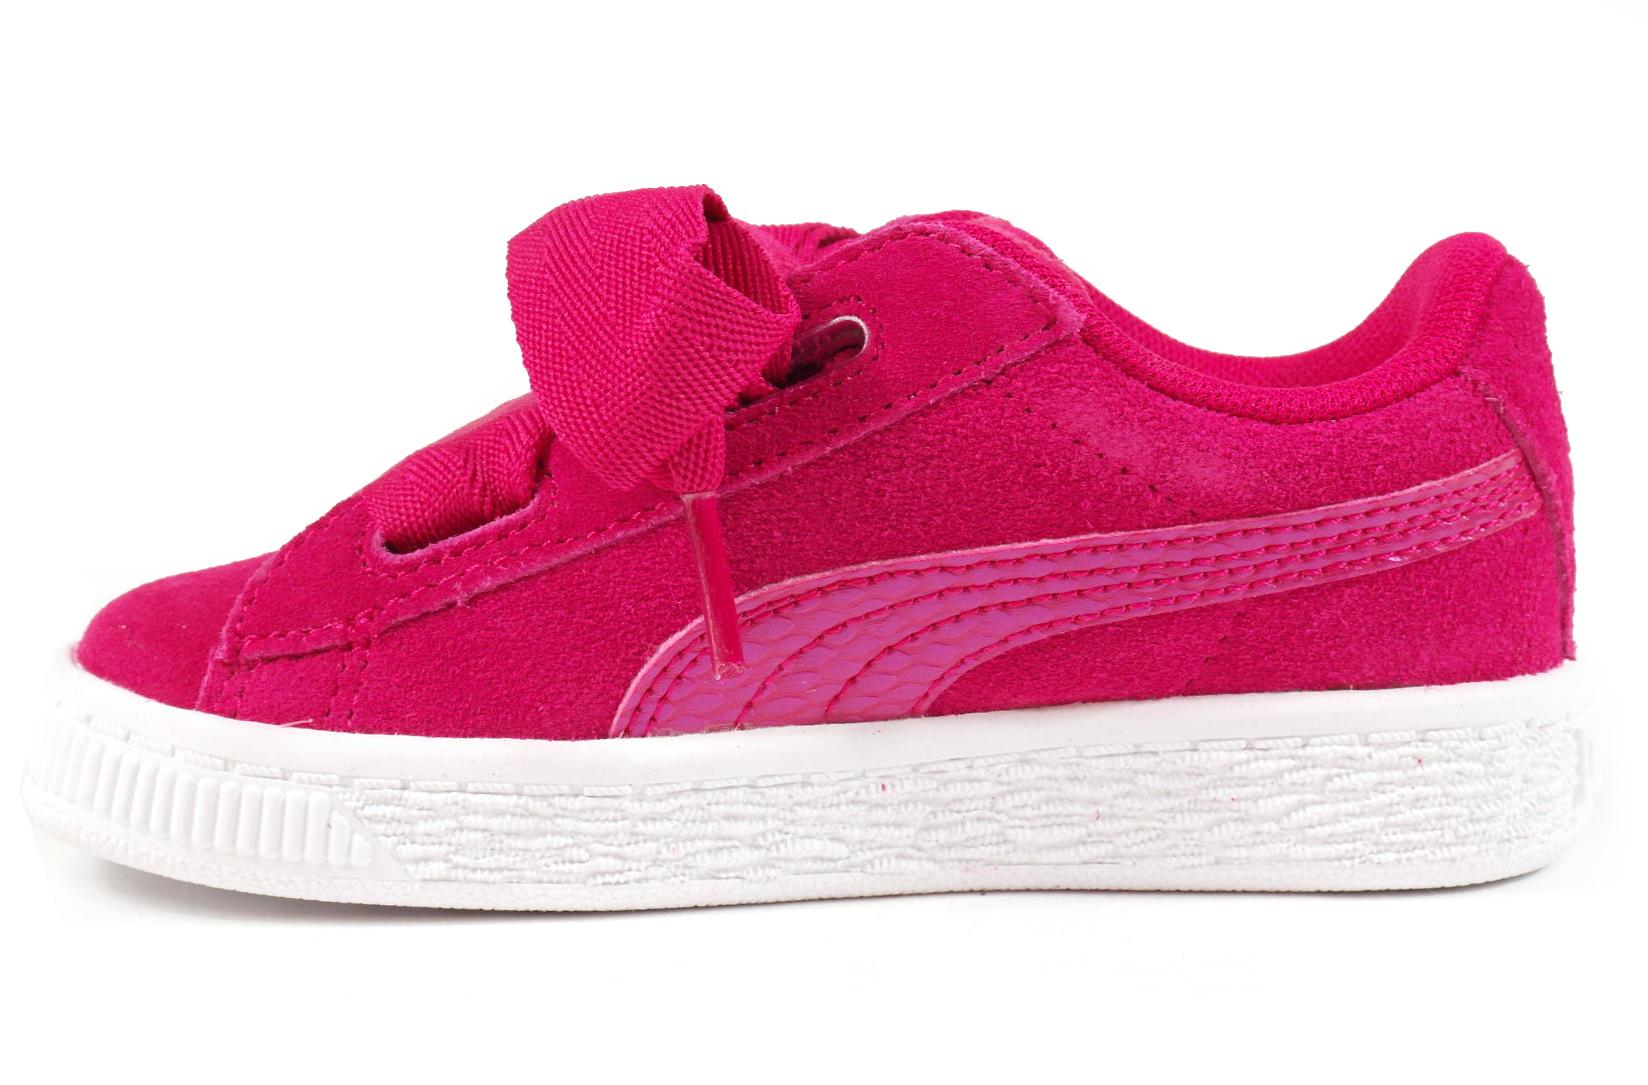 f701f58df4f Puma Suede Heart baby meisjesschoenen pink van sneakers